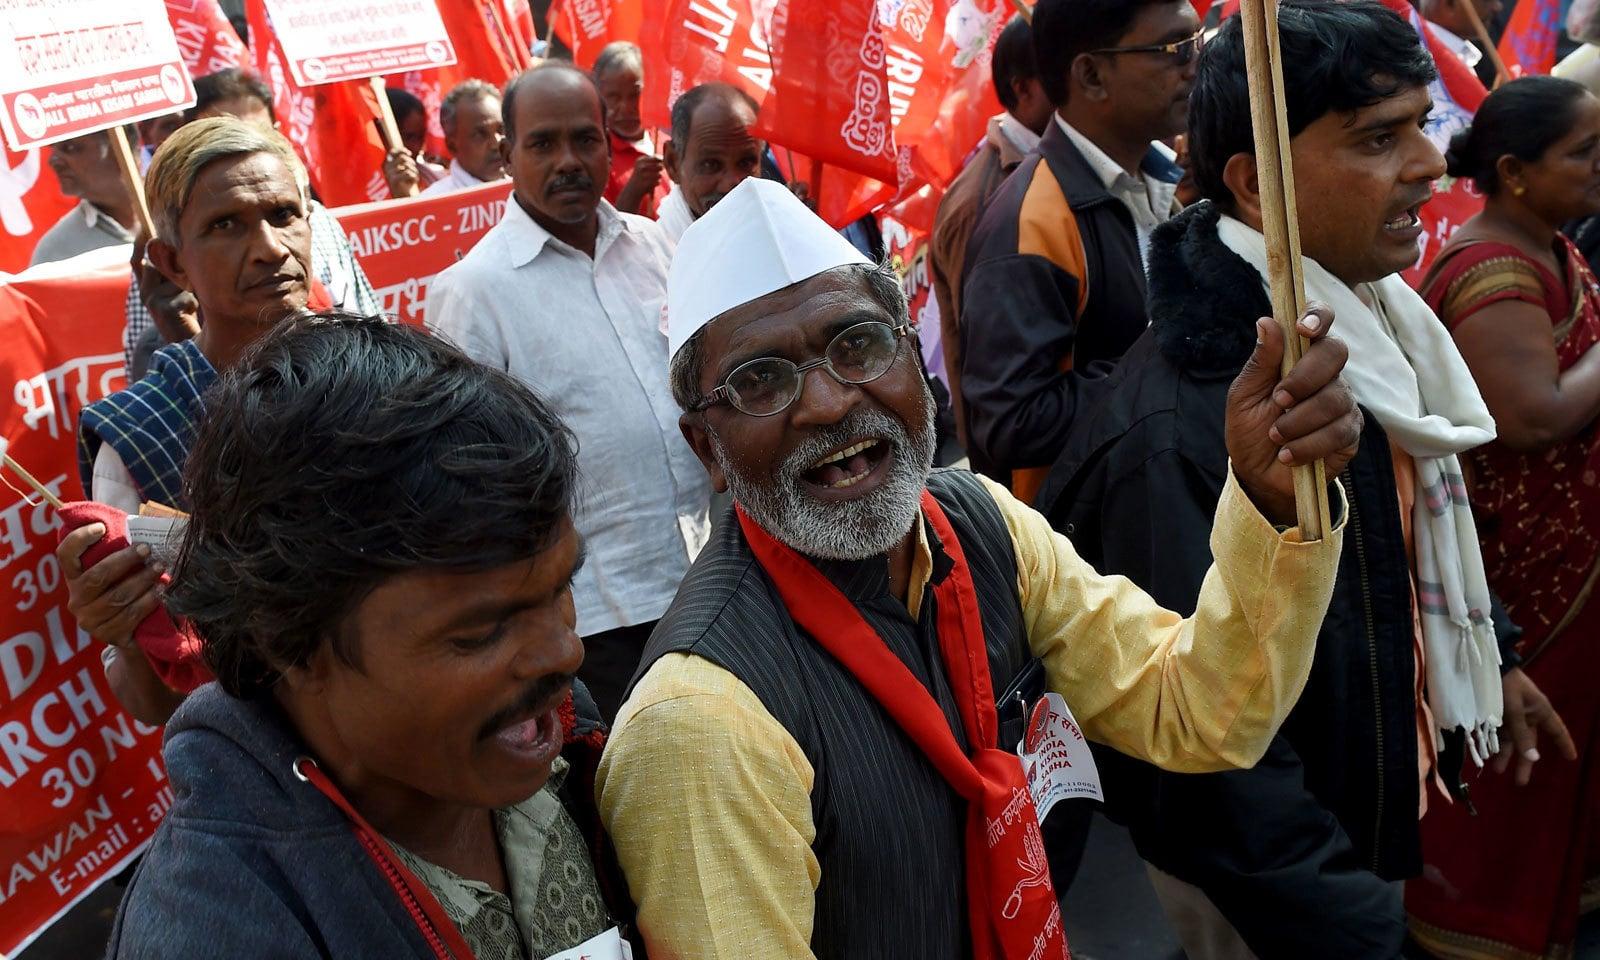 کسانوں نے احتجاج کرتے ہوئے 'رام مندر نہیں، قرض معافی چاہیے' کے فلک شگاف نعرے لگائے — فوٹو: اے ایف پی